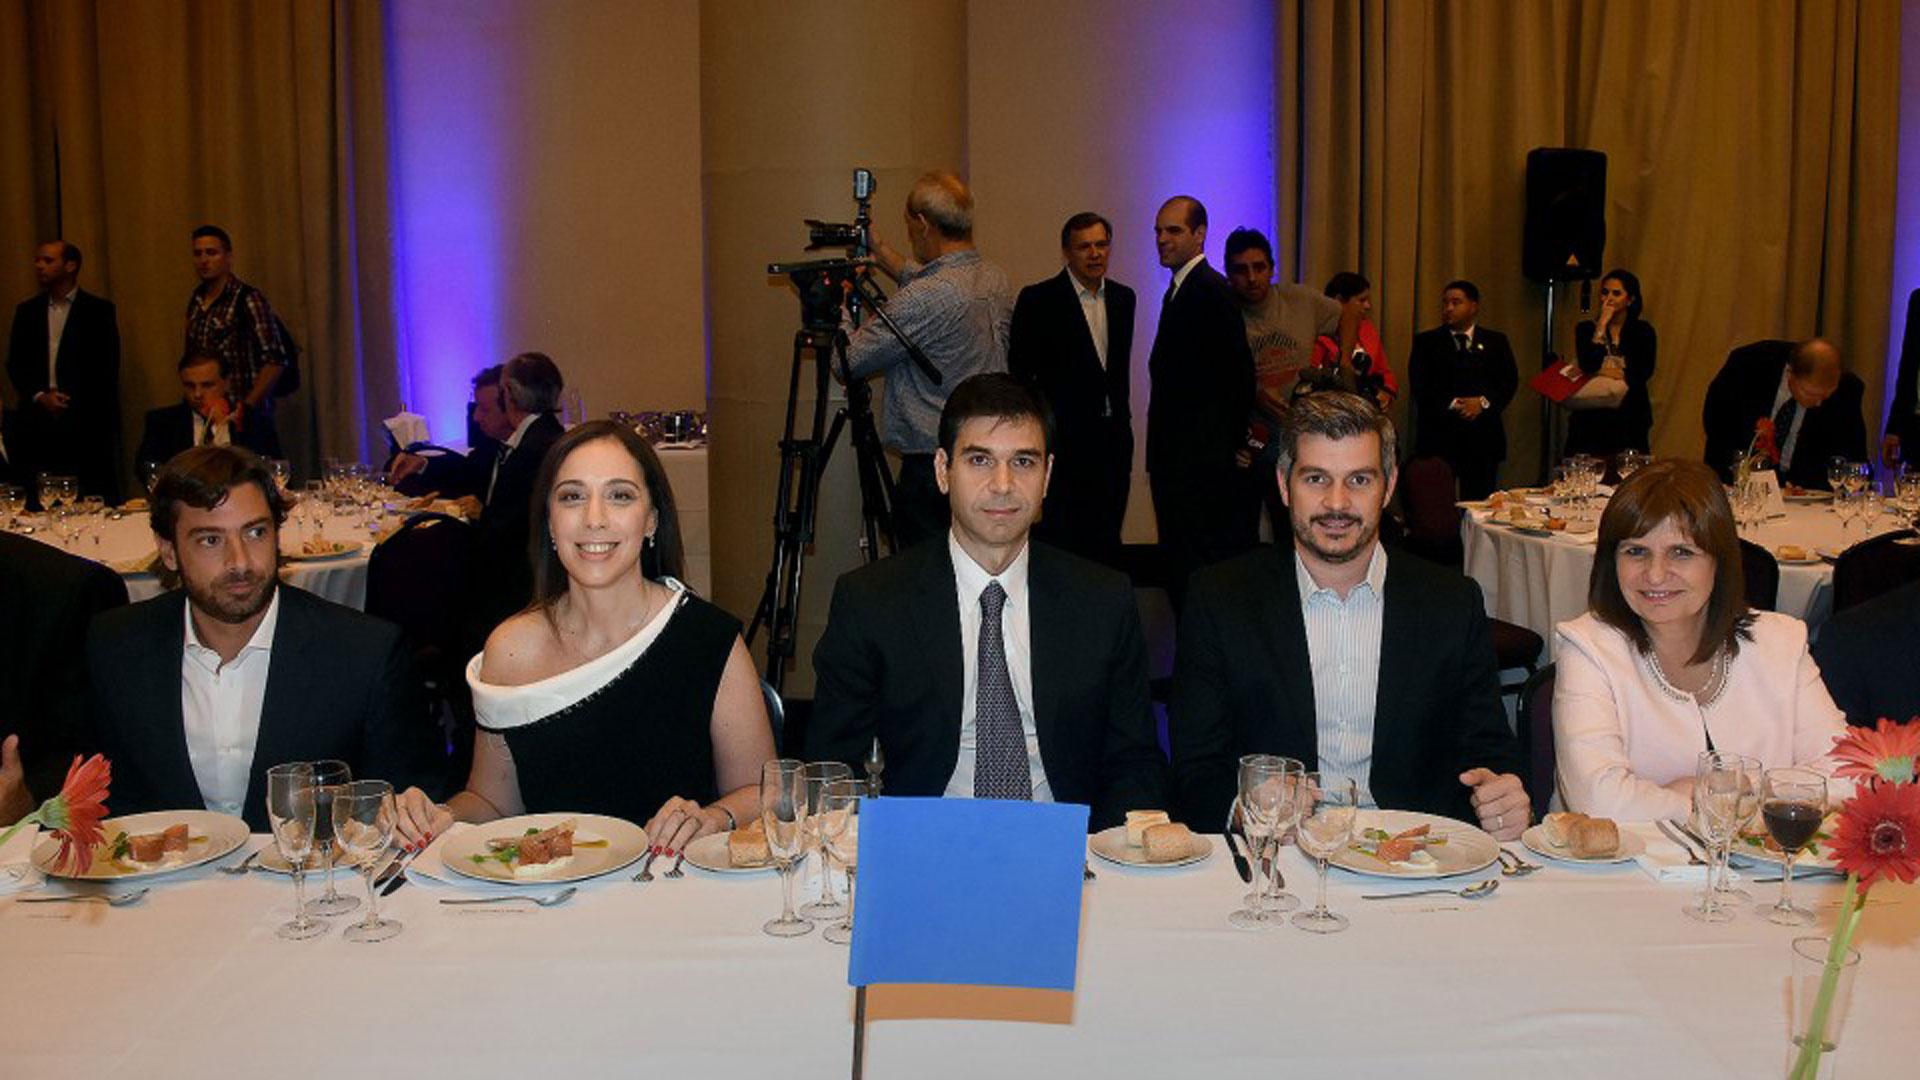 Federico Salvai, María Eugenia Vidal, Daniel Dessein, Marcos Peña y Patricia Bullrich en la mesa principal